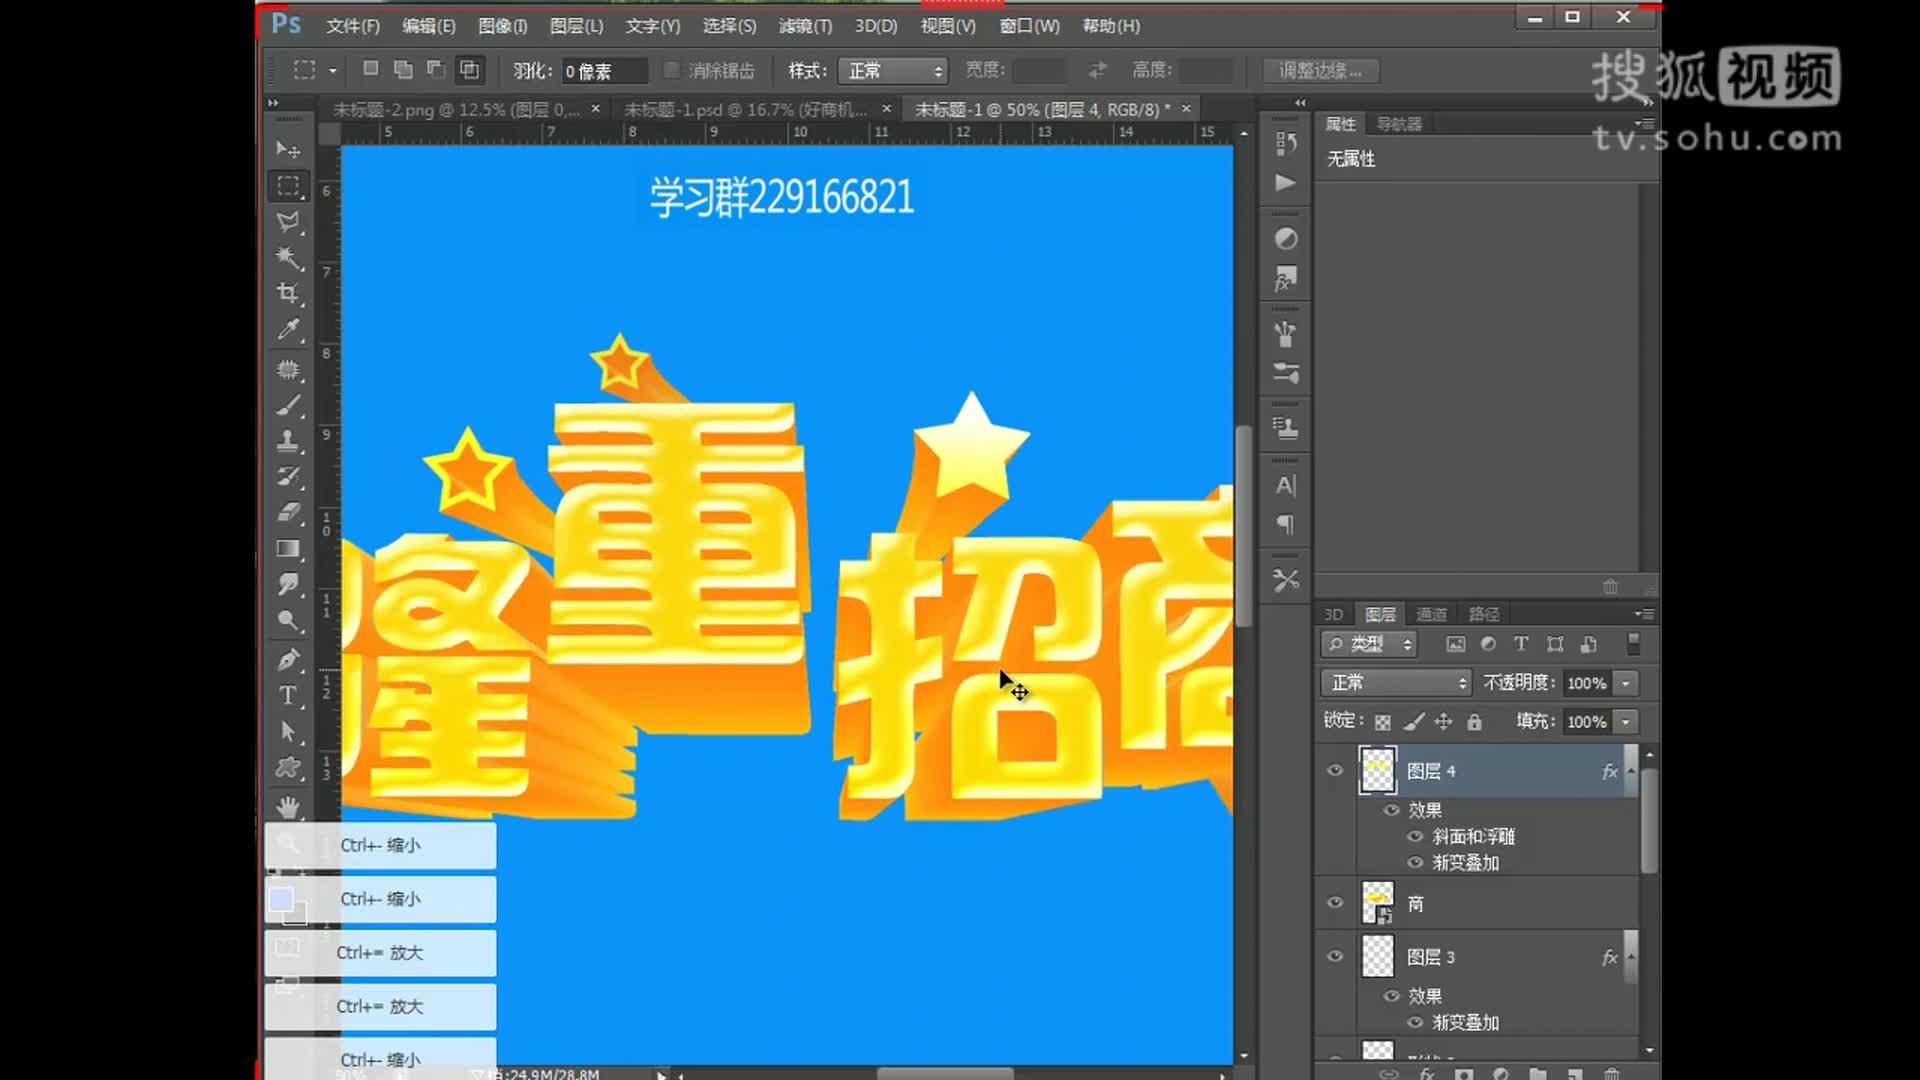 PS教程平面设计Photoshop淘宝美工 招商海报03